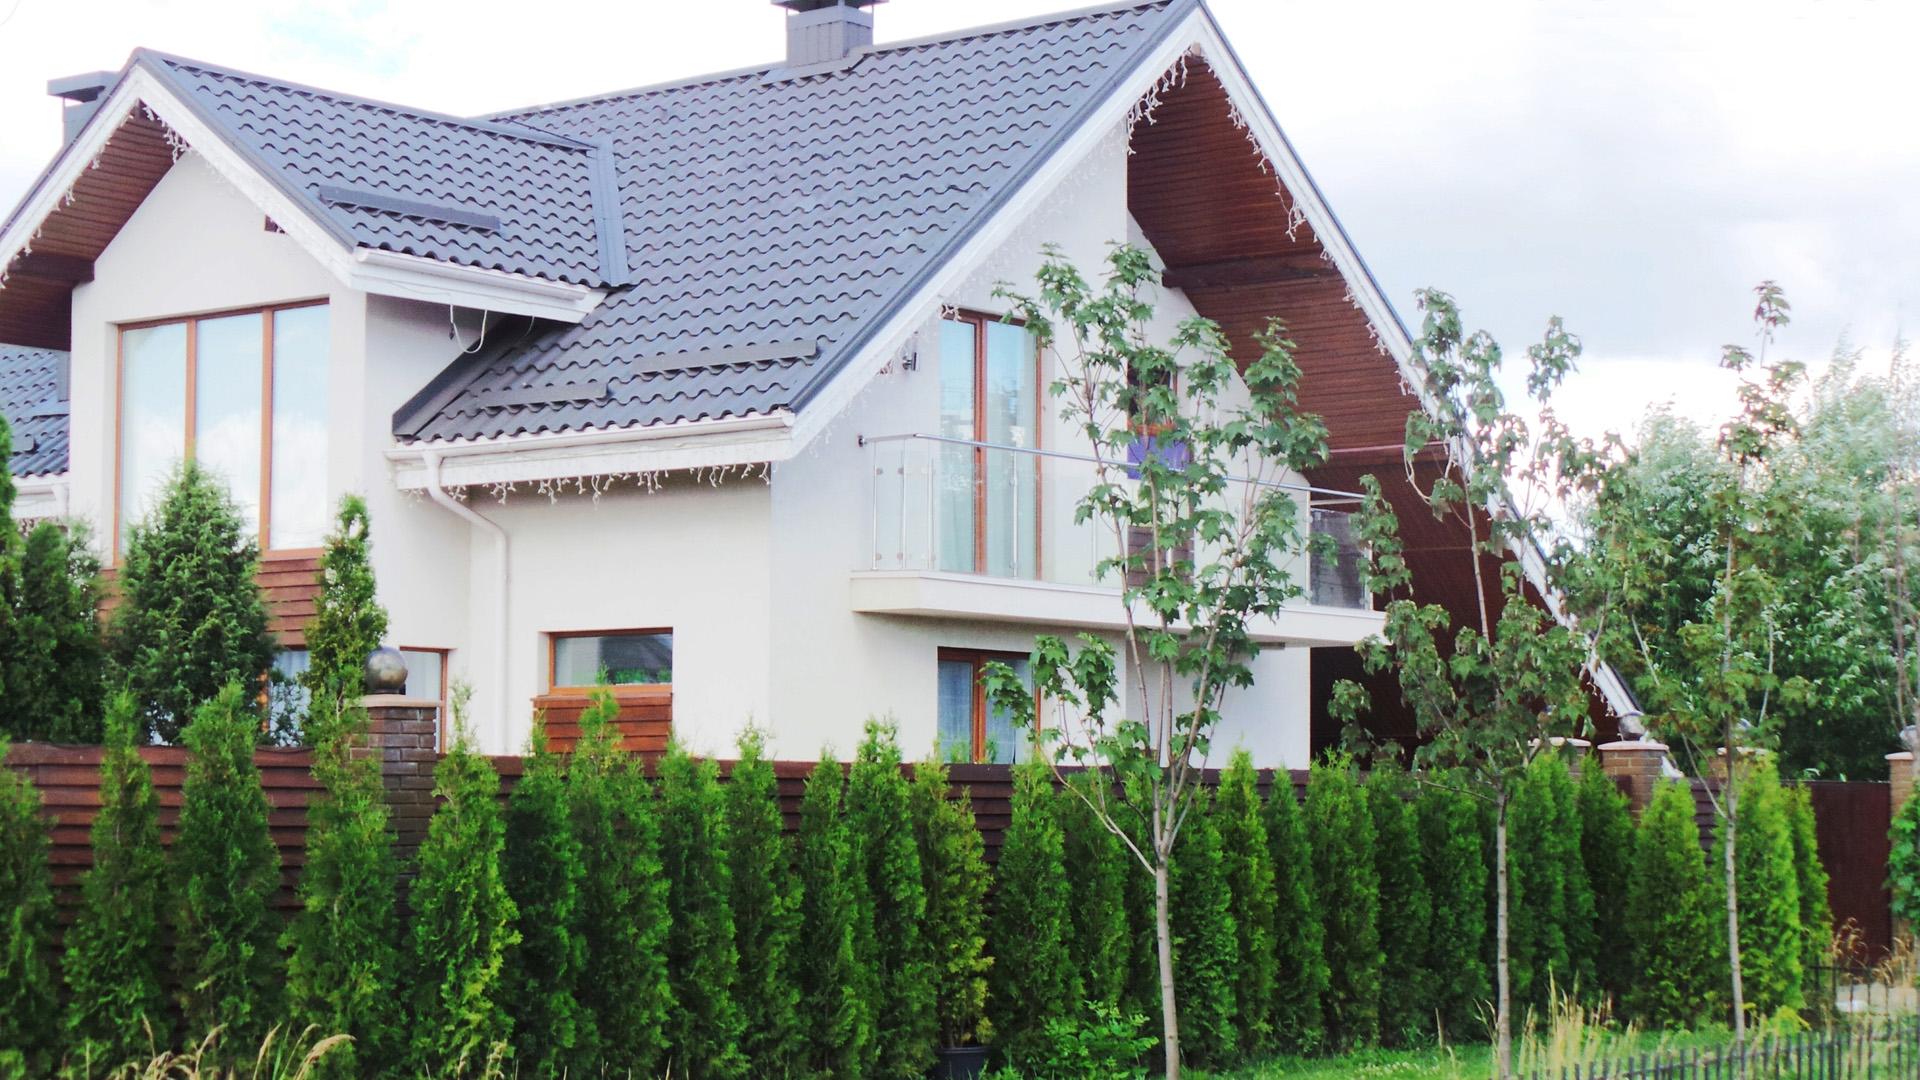 Cottages in the Petropavlovskaya Borshchagovka